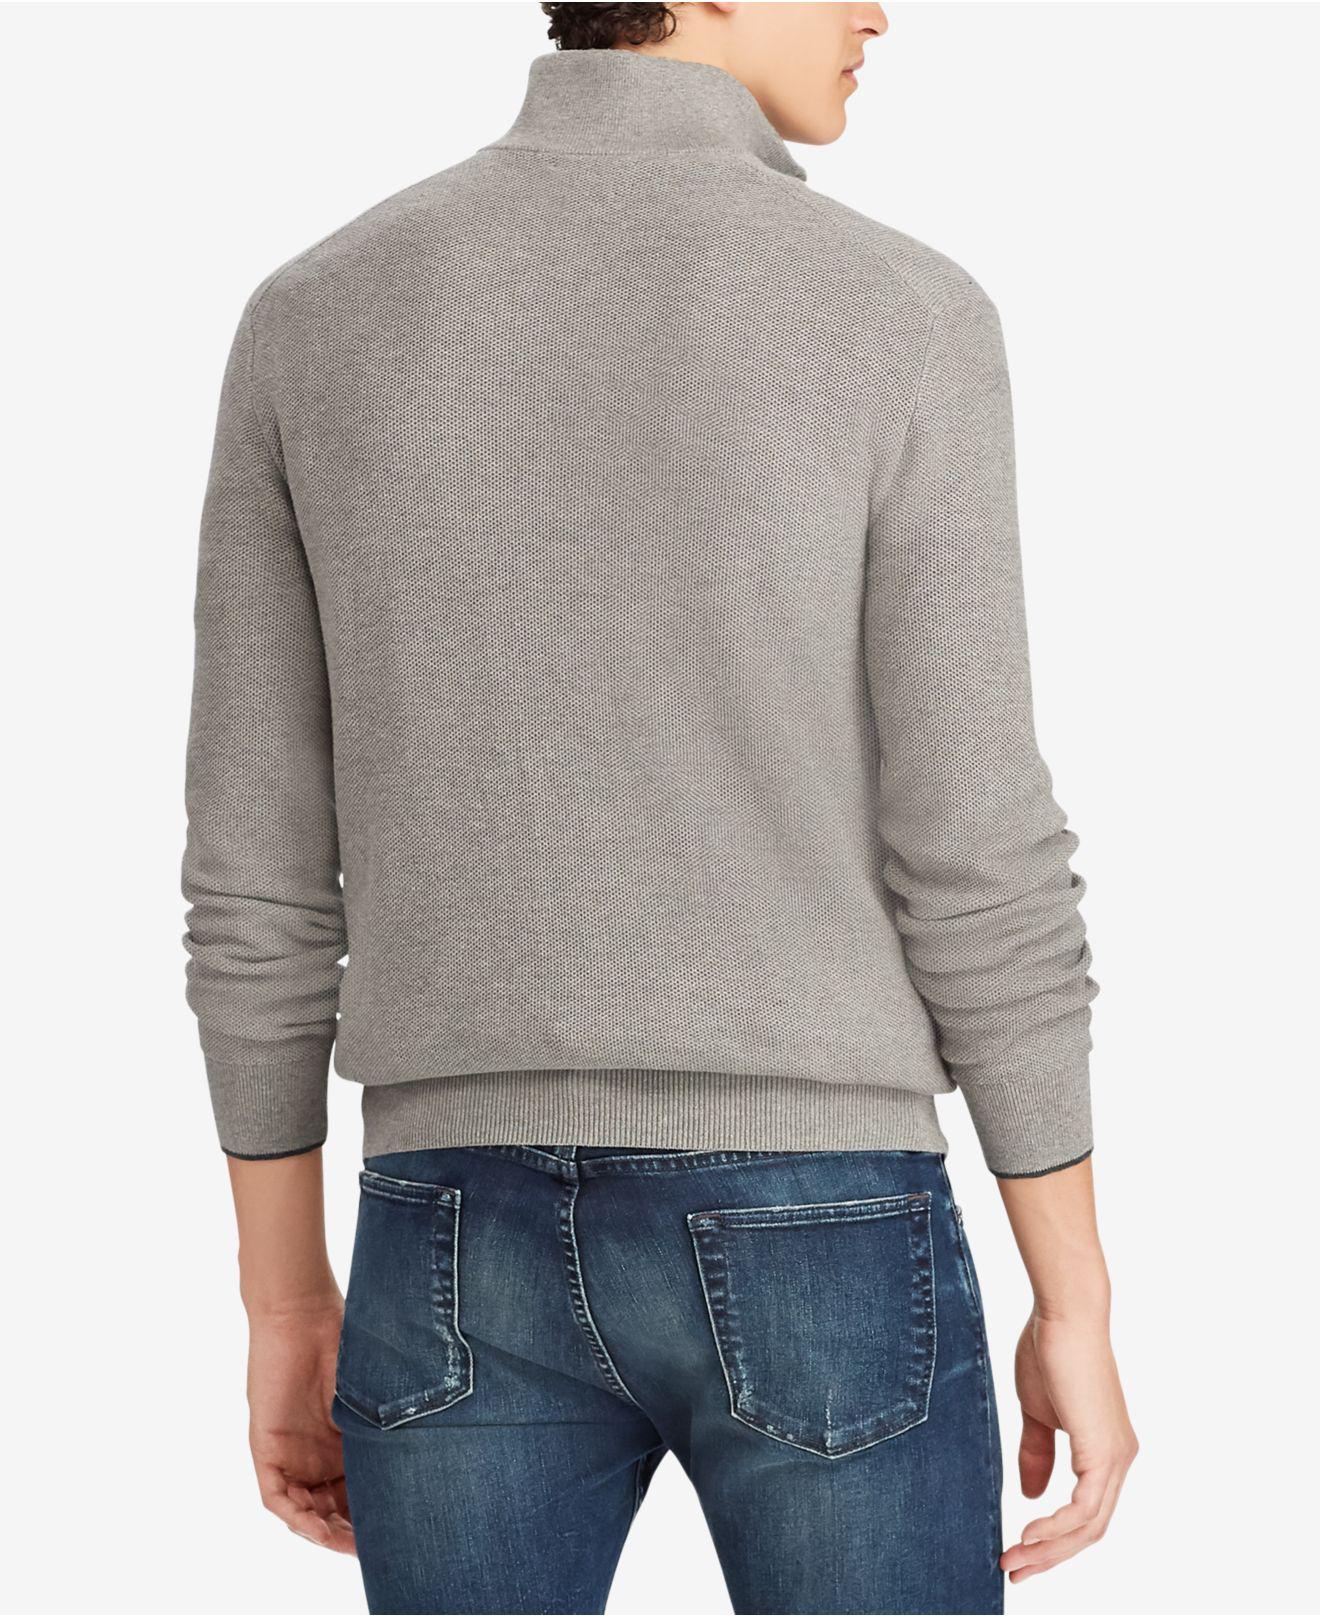 ralph lauren slim fit chino shorts eugene city